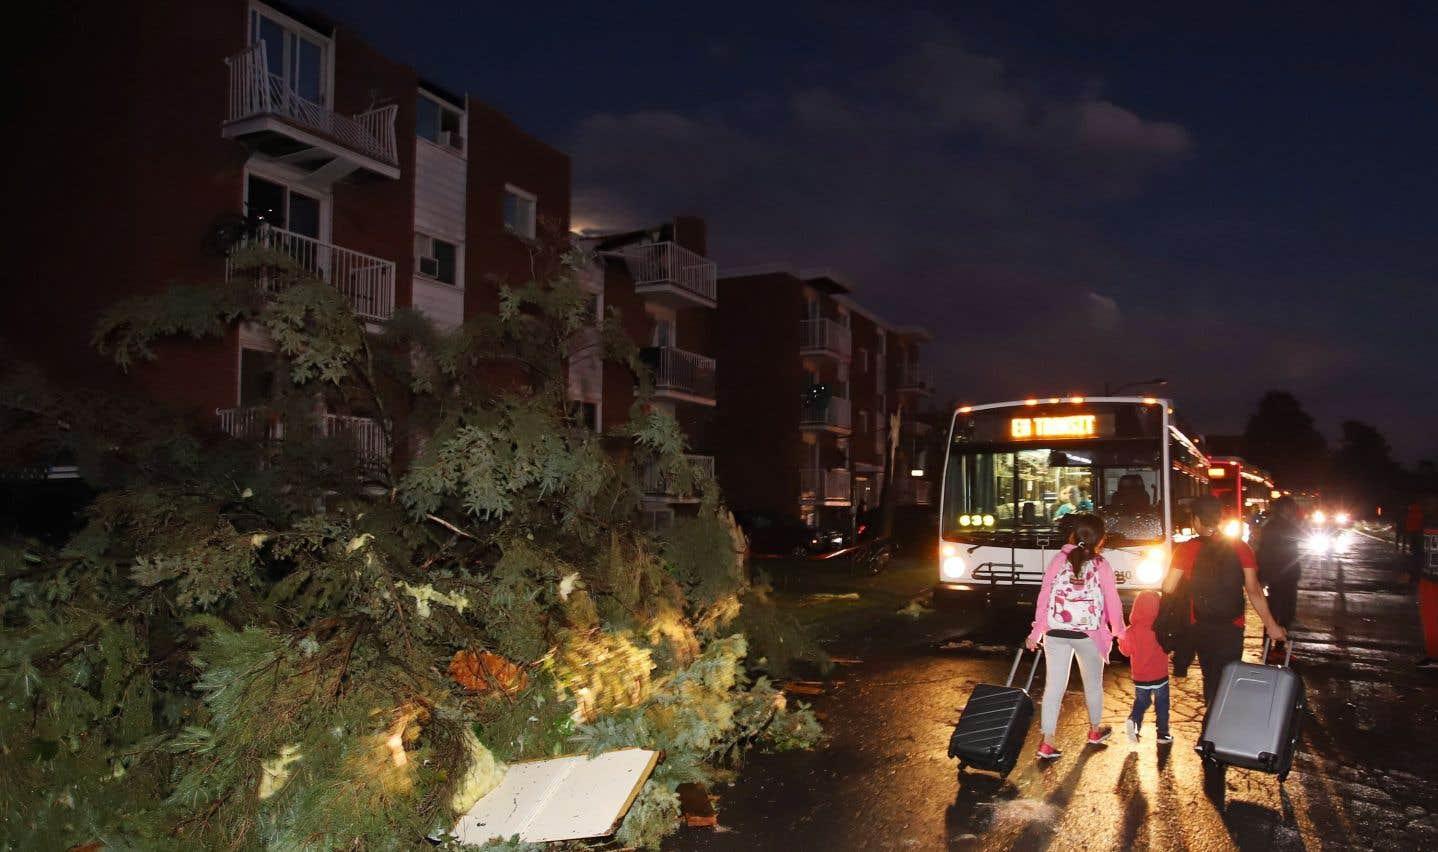 Des centaines de familles d'un quartier de Gatineau ont été forcées d'évacuer leur maison alors que les fenêtres de leurs immeubles ont volé en éclats et les toits ont été arrachés par une tornade, vendredi soir le 21 septembre 2018.